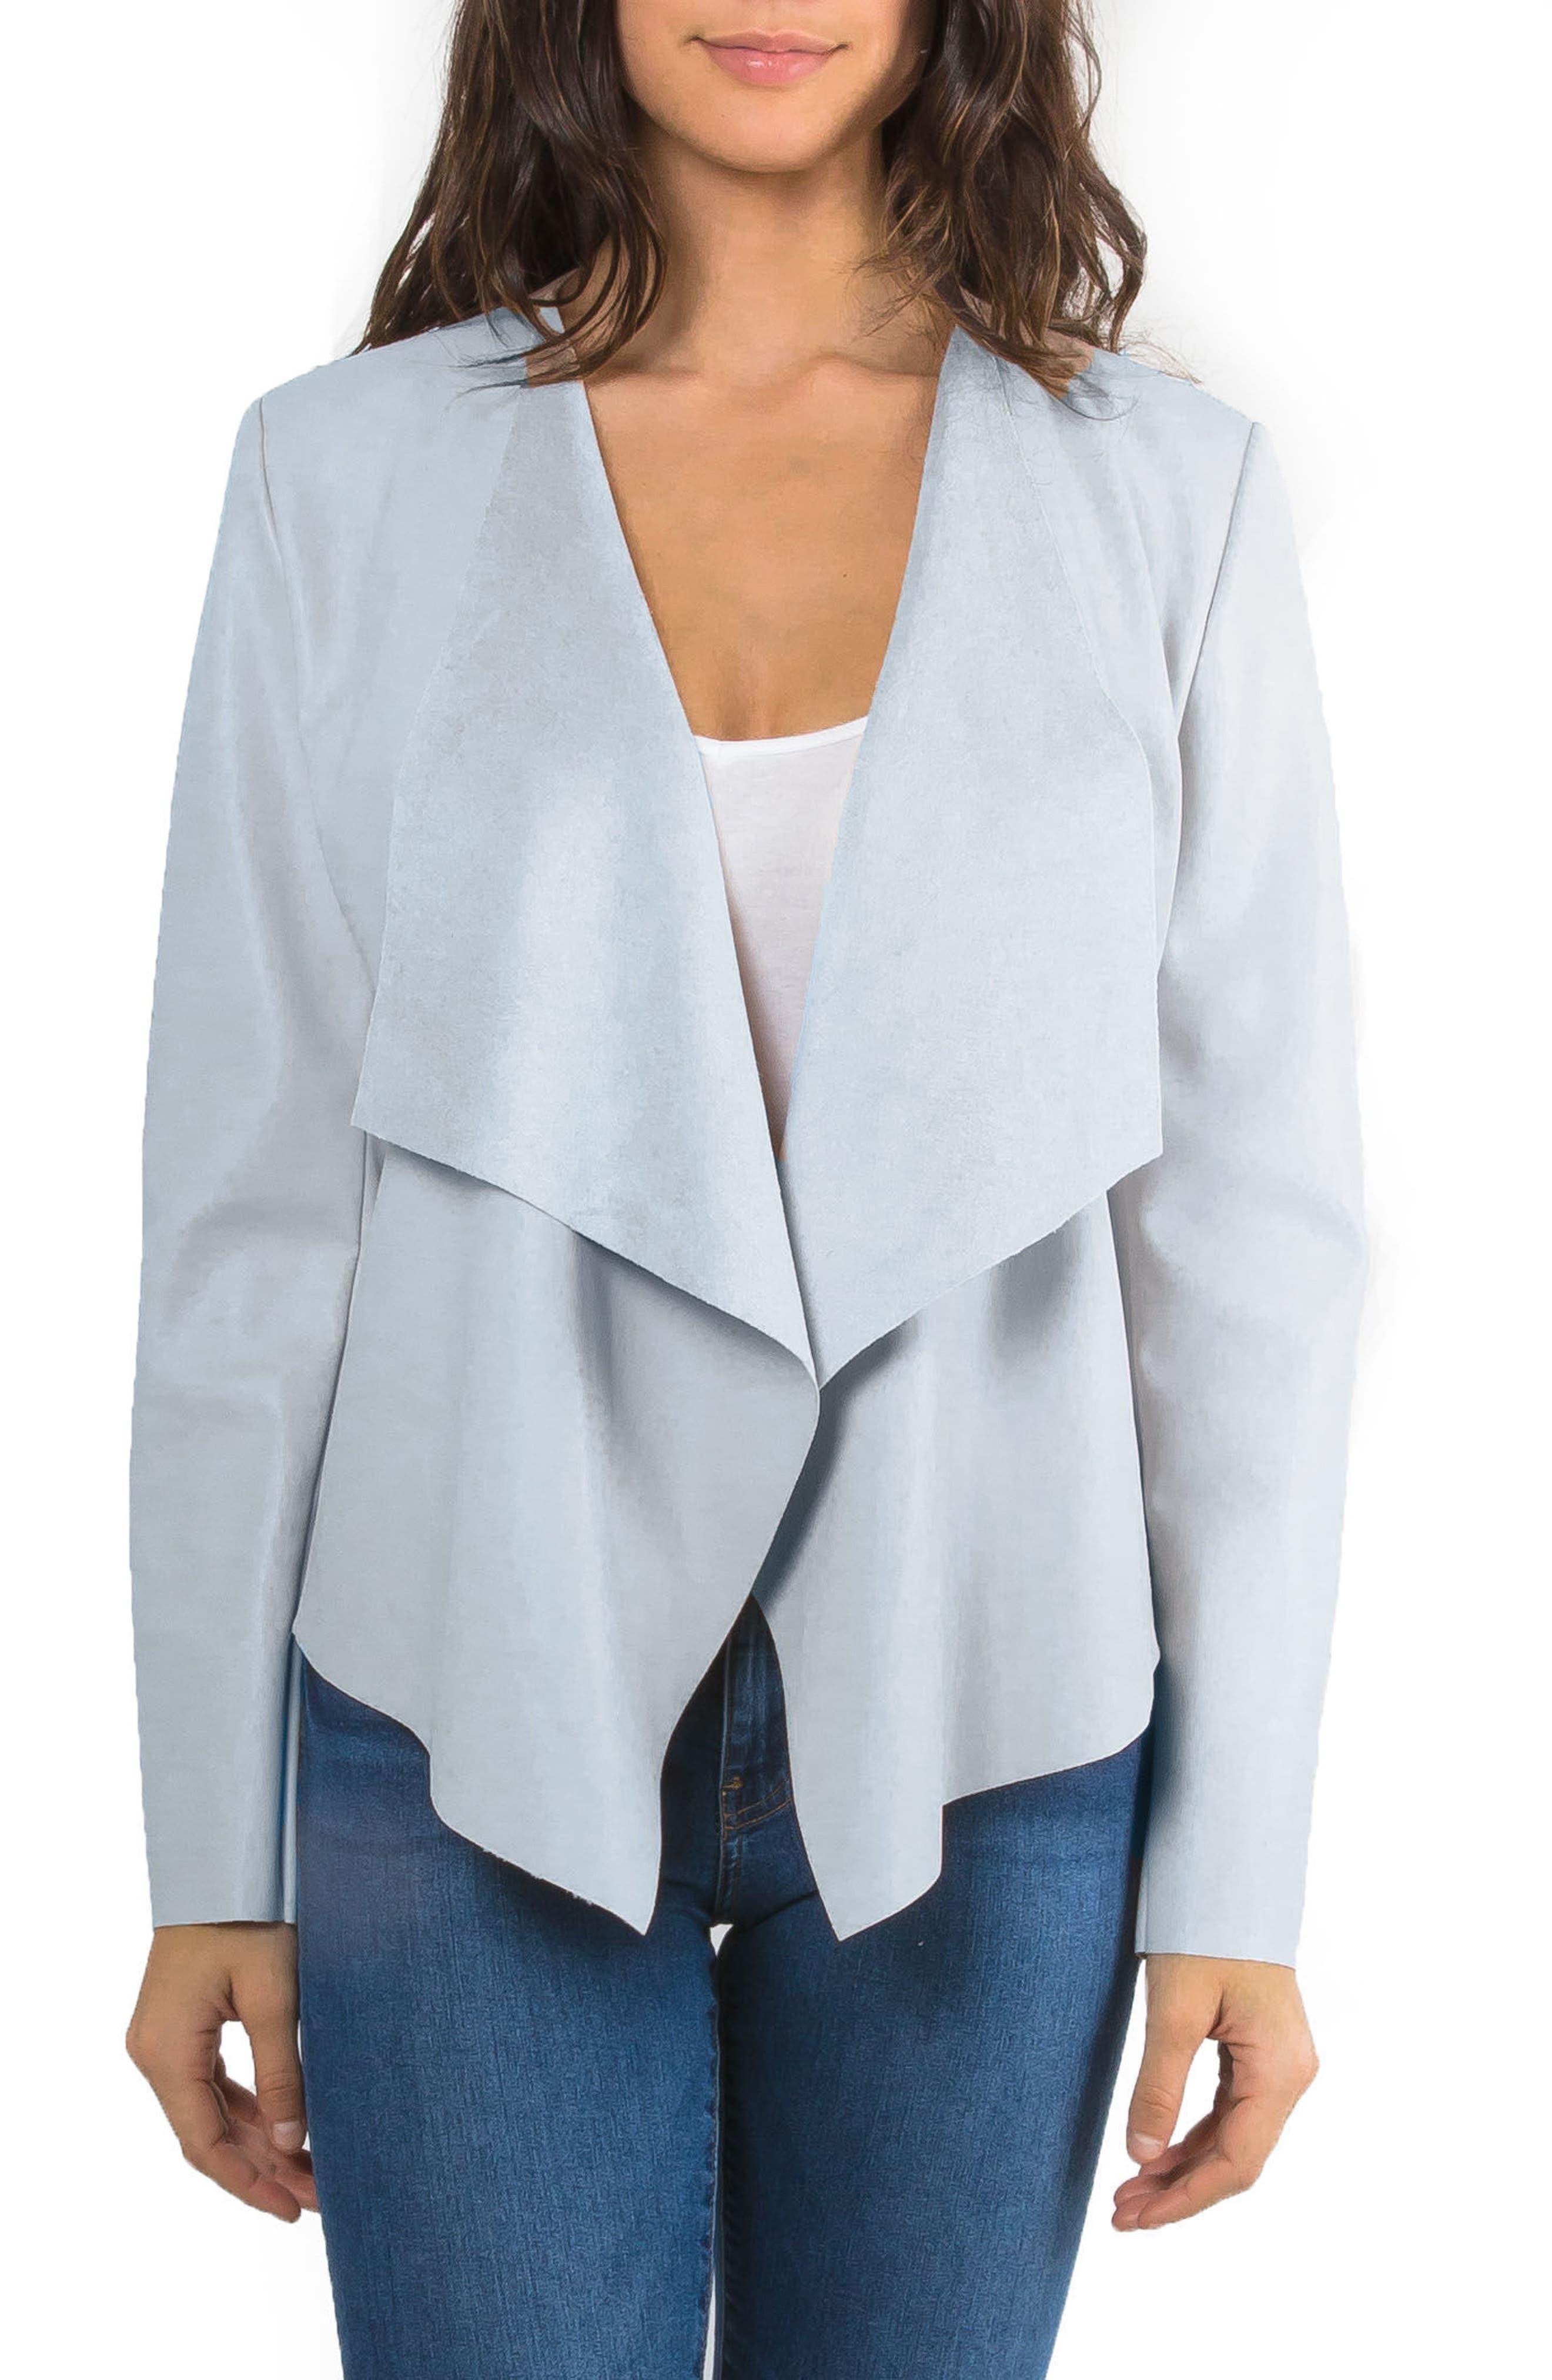 Main Image - Bagatelle Drape Faux Leather Jacket